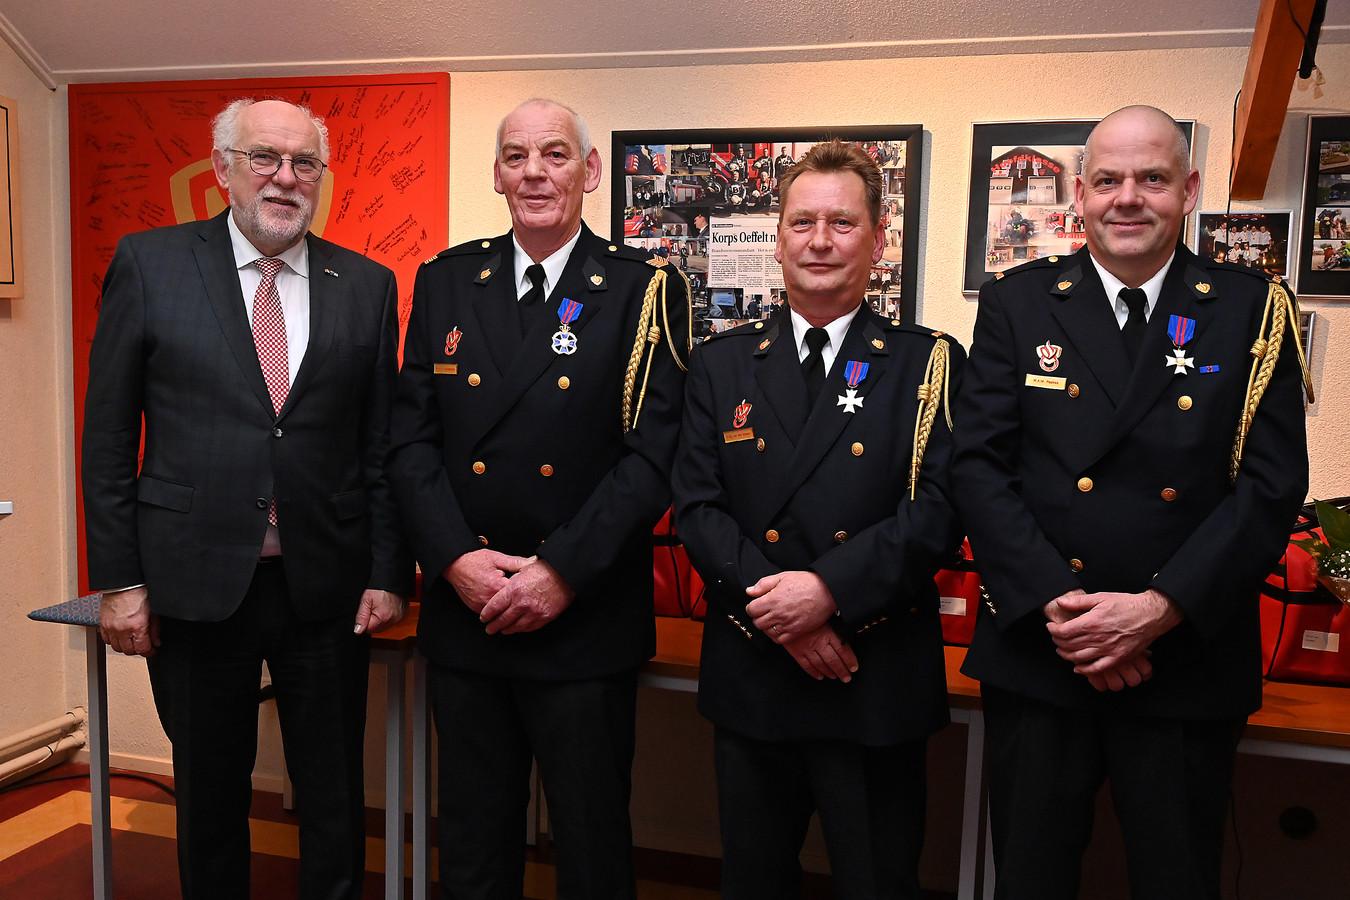 Drie jubilarissen van de brandweer in Oeffelt gehuldigd door burgemeester Karel van Soest. Vlnr: Van Soest, Pieter Rooijackers (45 jaar bij brandweer), Henk van den Hoogen (30 jaar lid en postcommandant) en Wim Repkes, (30 jaar lid).